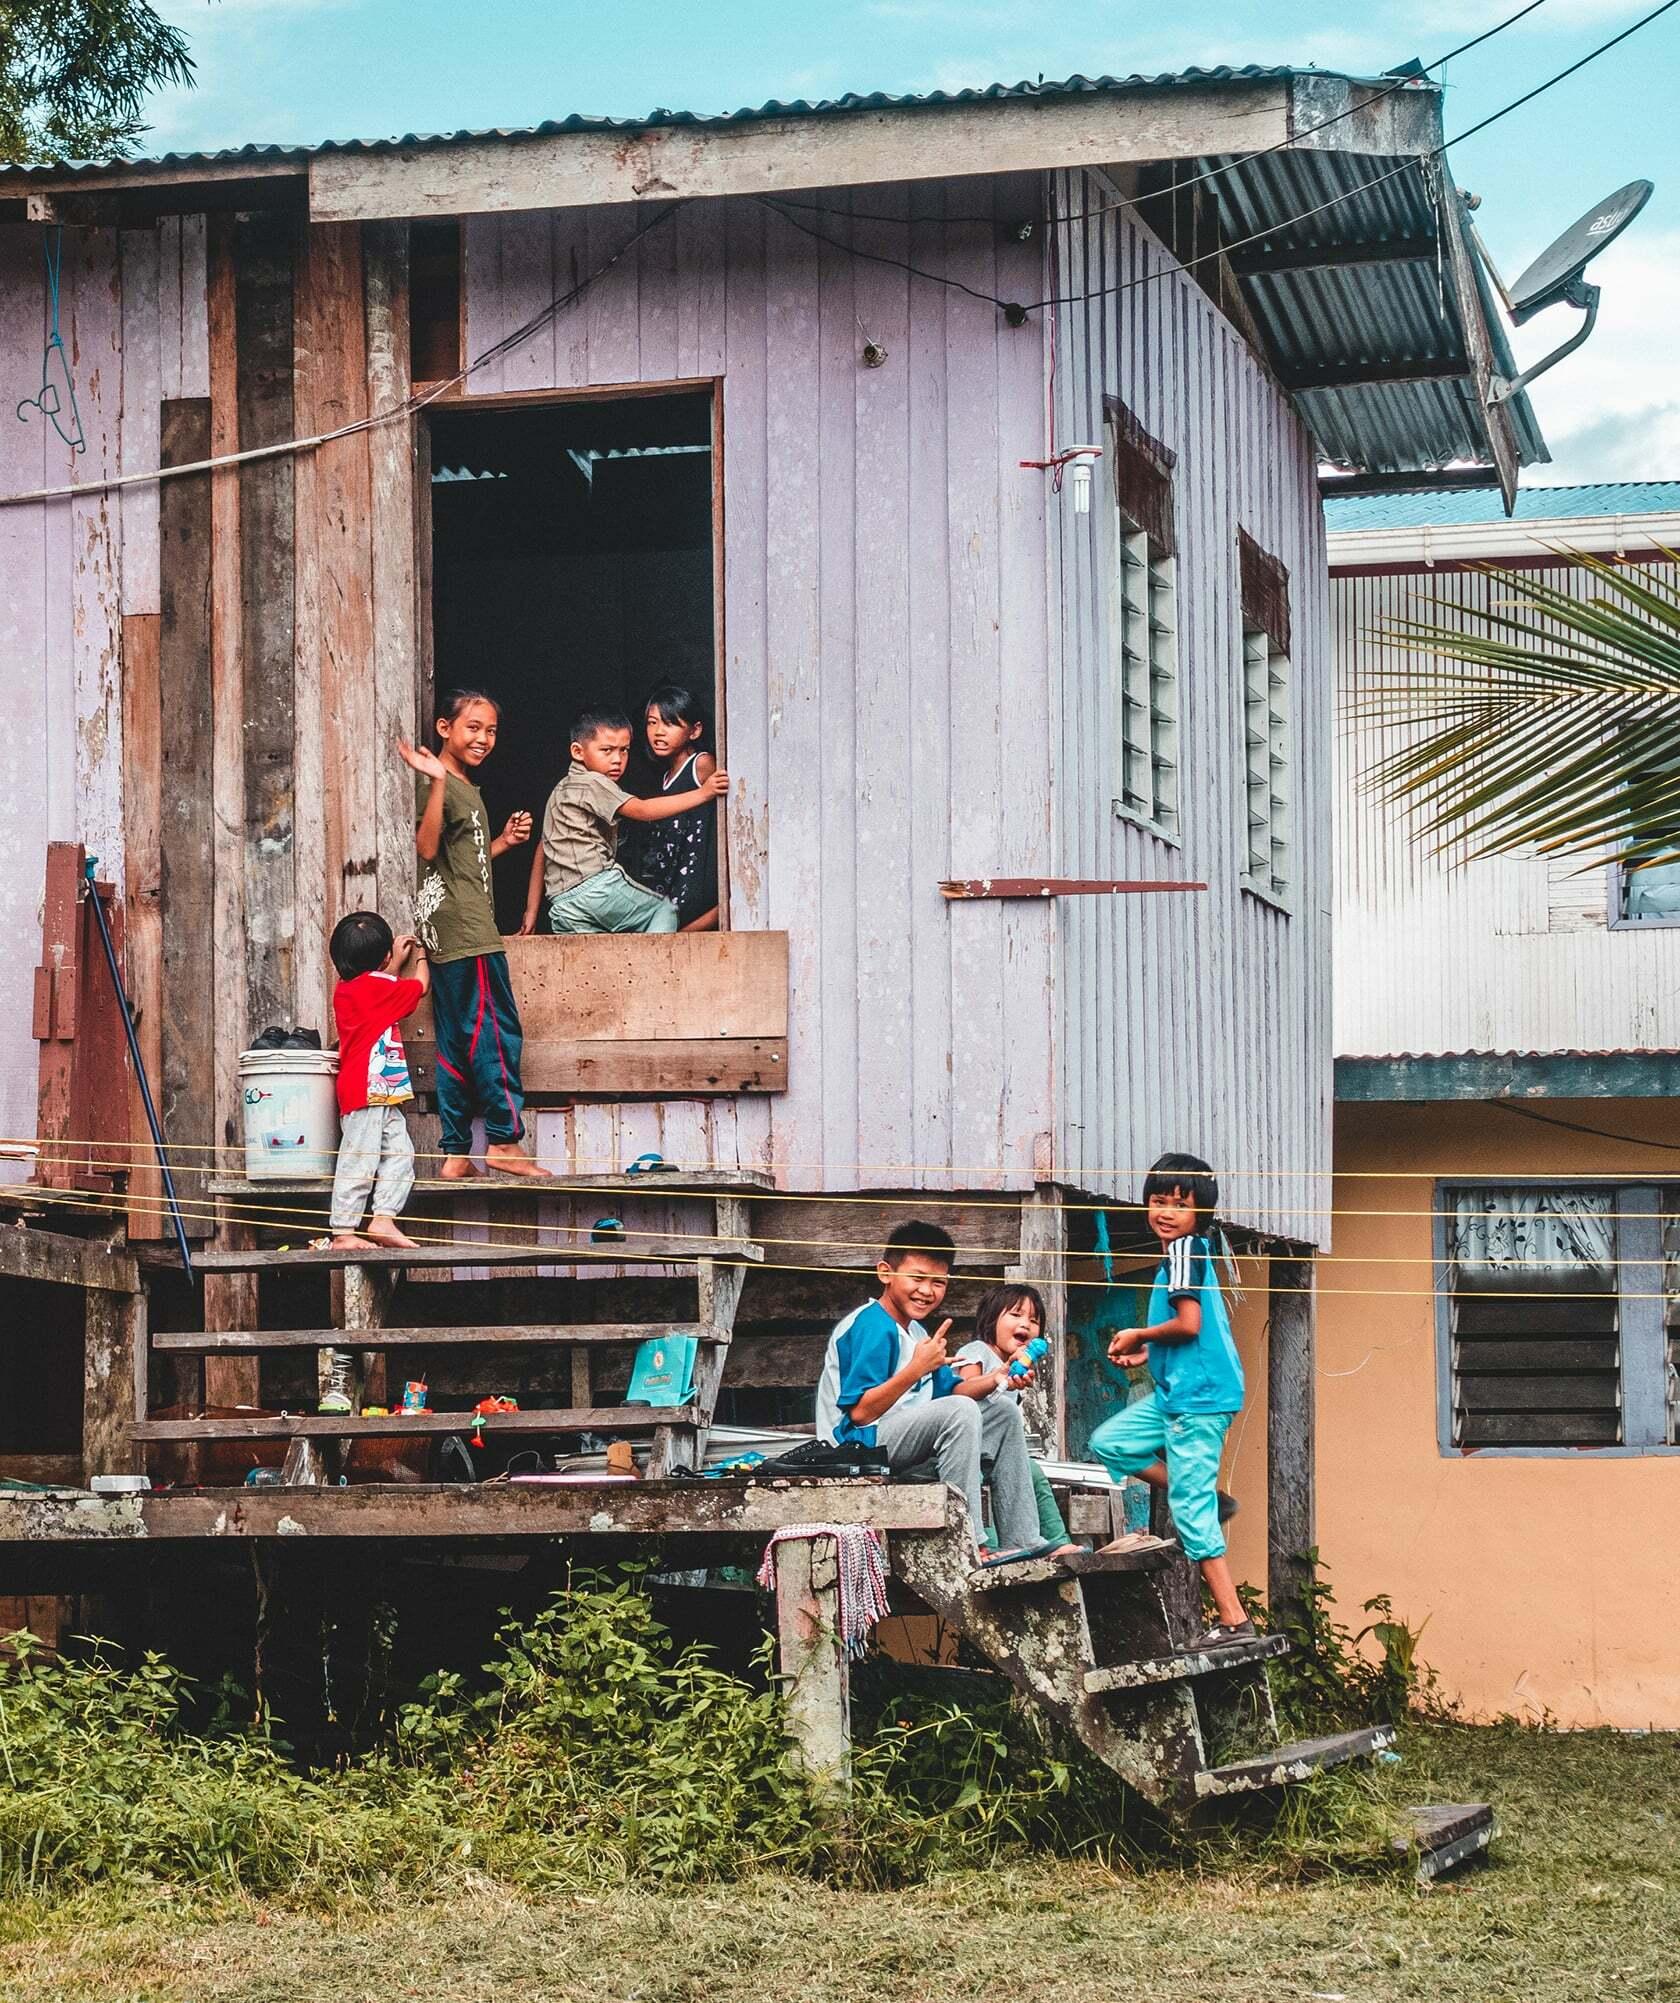 Foto van kinderen die voor het huis zitten uit fotografie collectie mensen van Simon Wijers